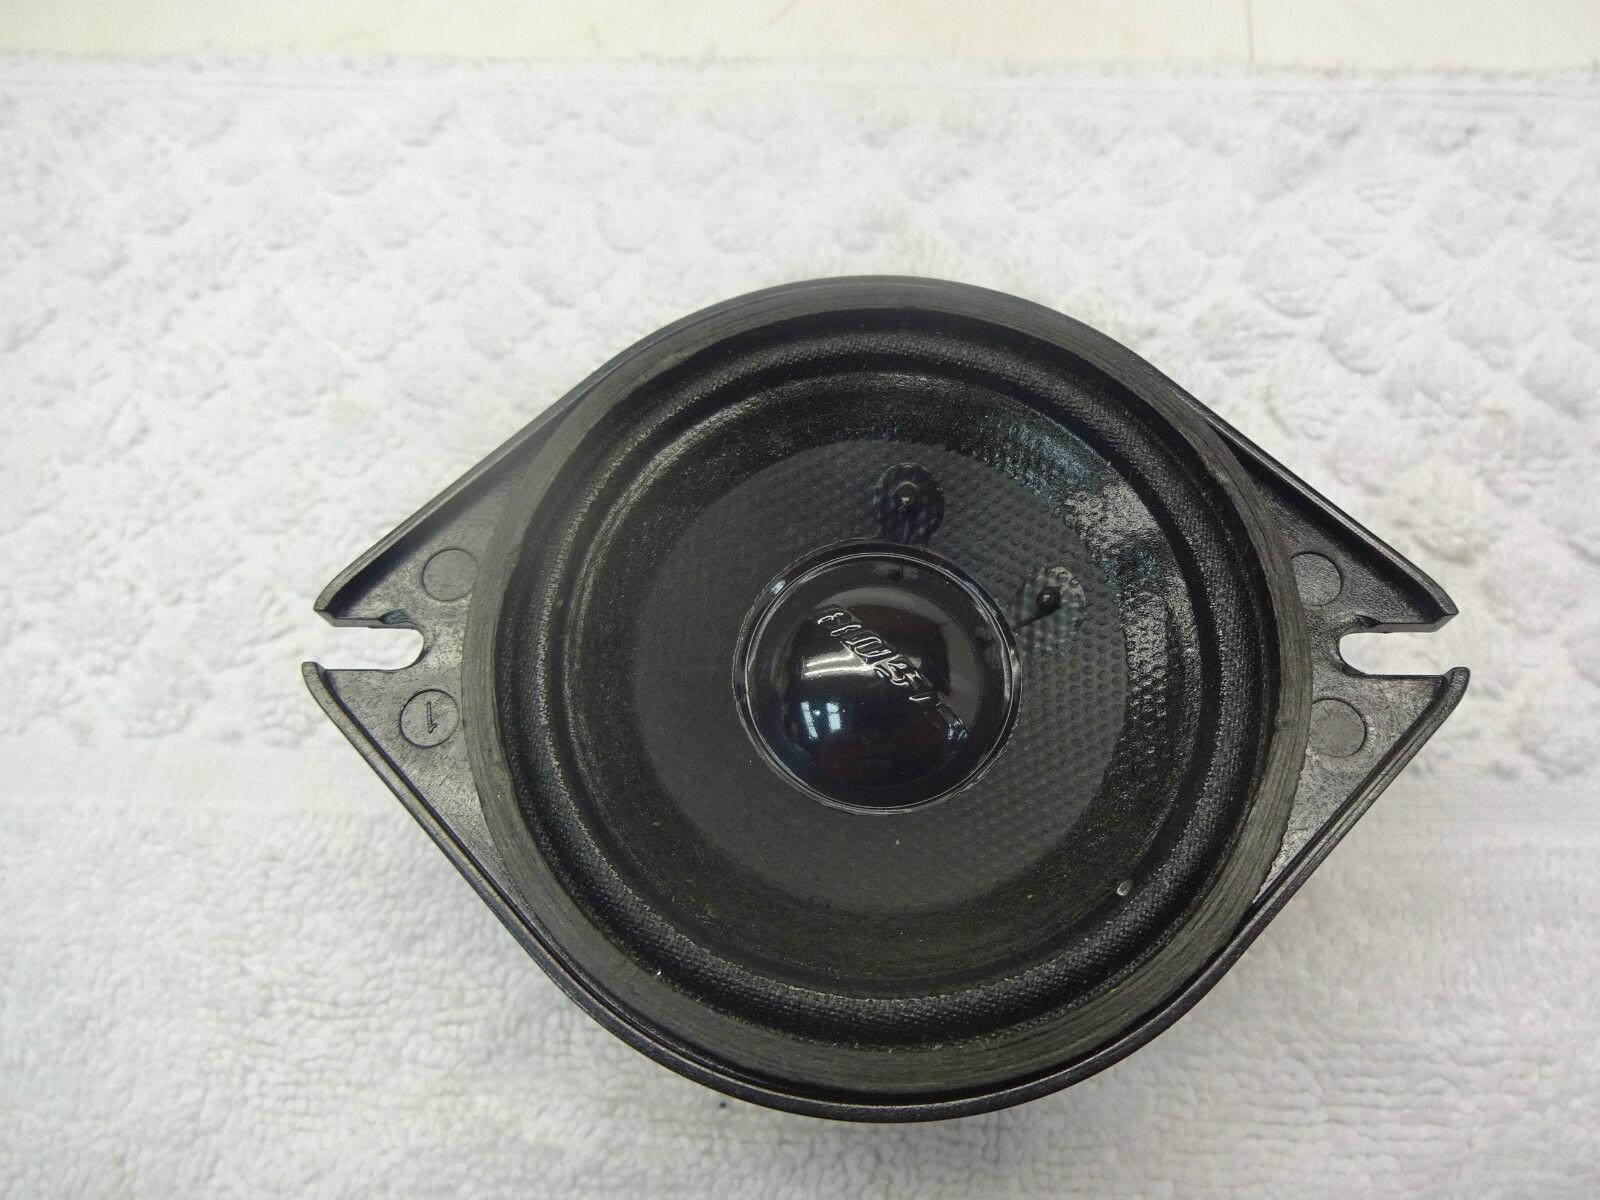 Porsche Cayenne Turbo Bose Dash Speaker - 7L5 035 399 Bose Speaker Upgrade